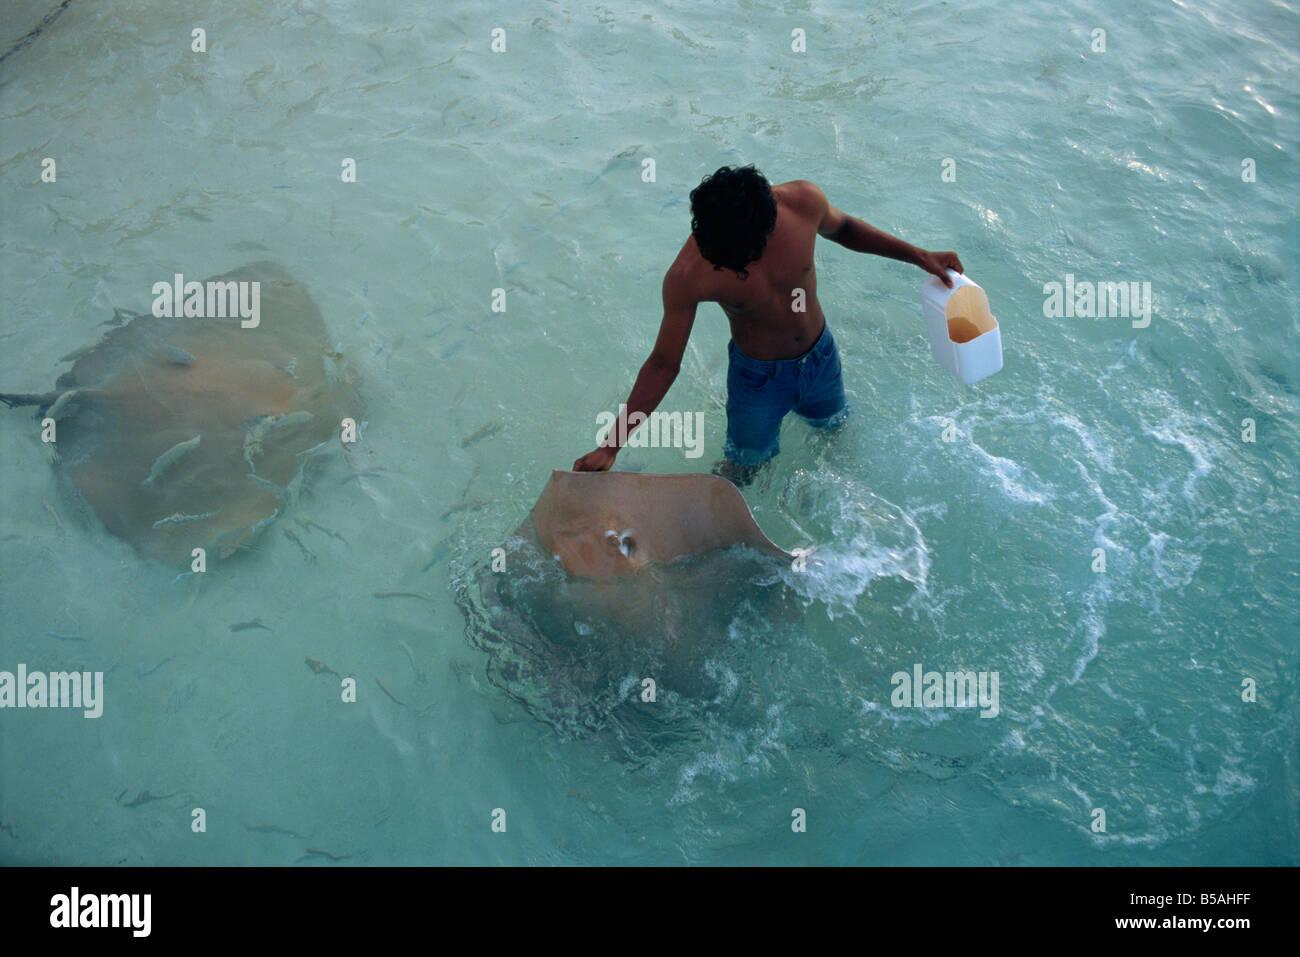 Sting rays, Nakatchafushi, Maldive Islands, Indian Ocean - Stock Image